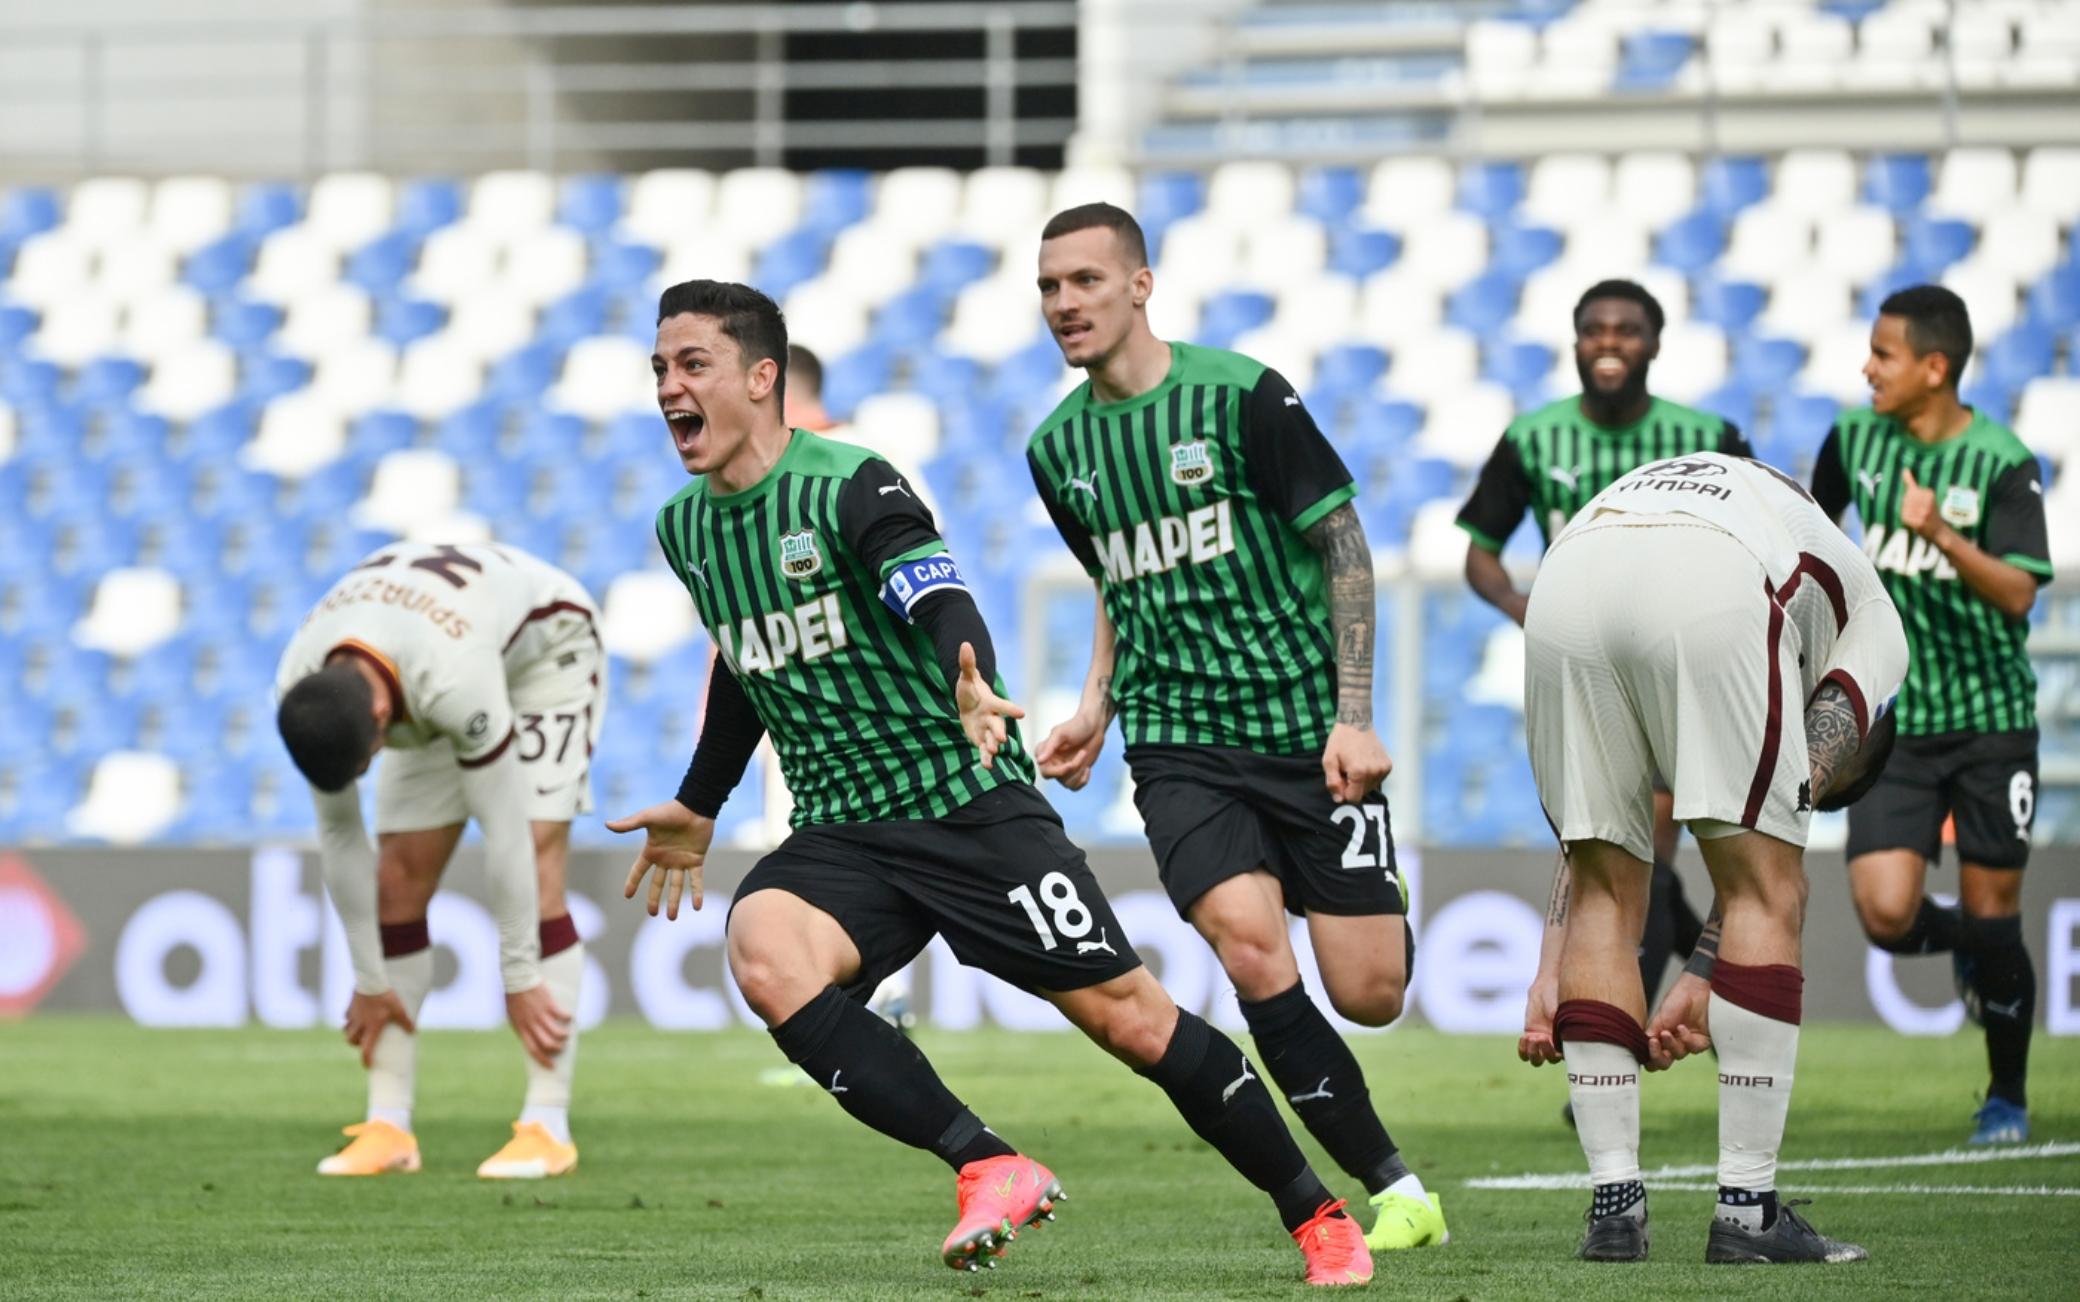 Migliori e peggiori in Sassuolo-Roma 2-2: si salva Pau Lopez, male tutto l'attacco